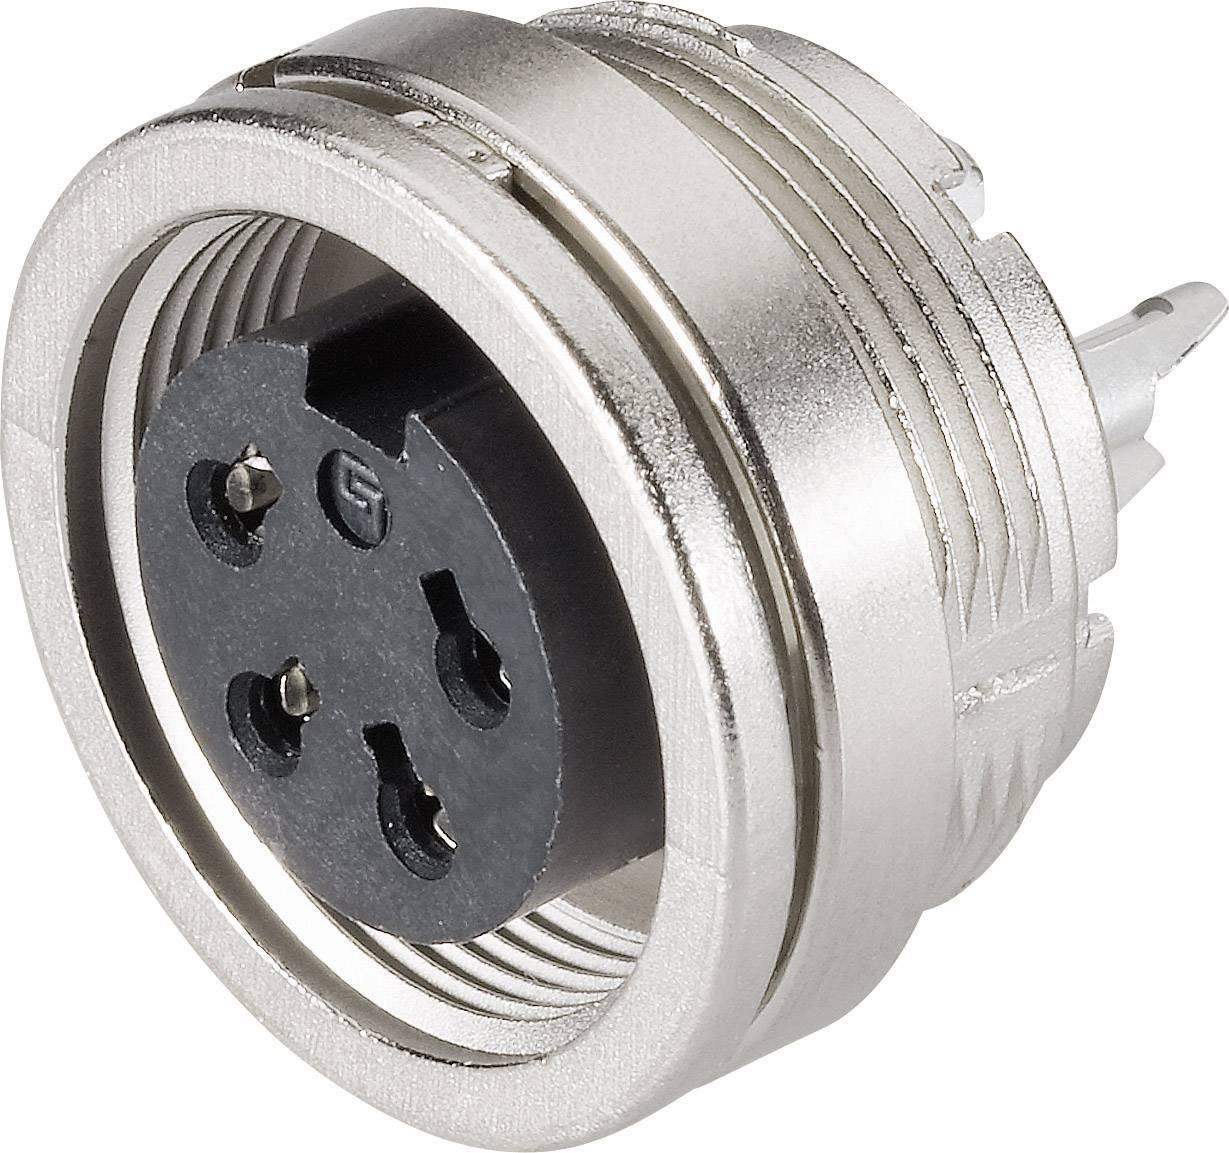 Miniatúrny okrúhly konektor Binder 09-0312-00-04 IP40, poniklovaná, 1 ks